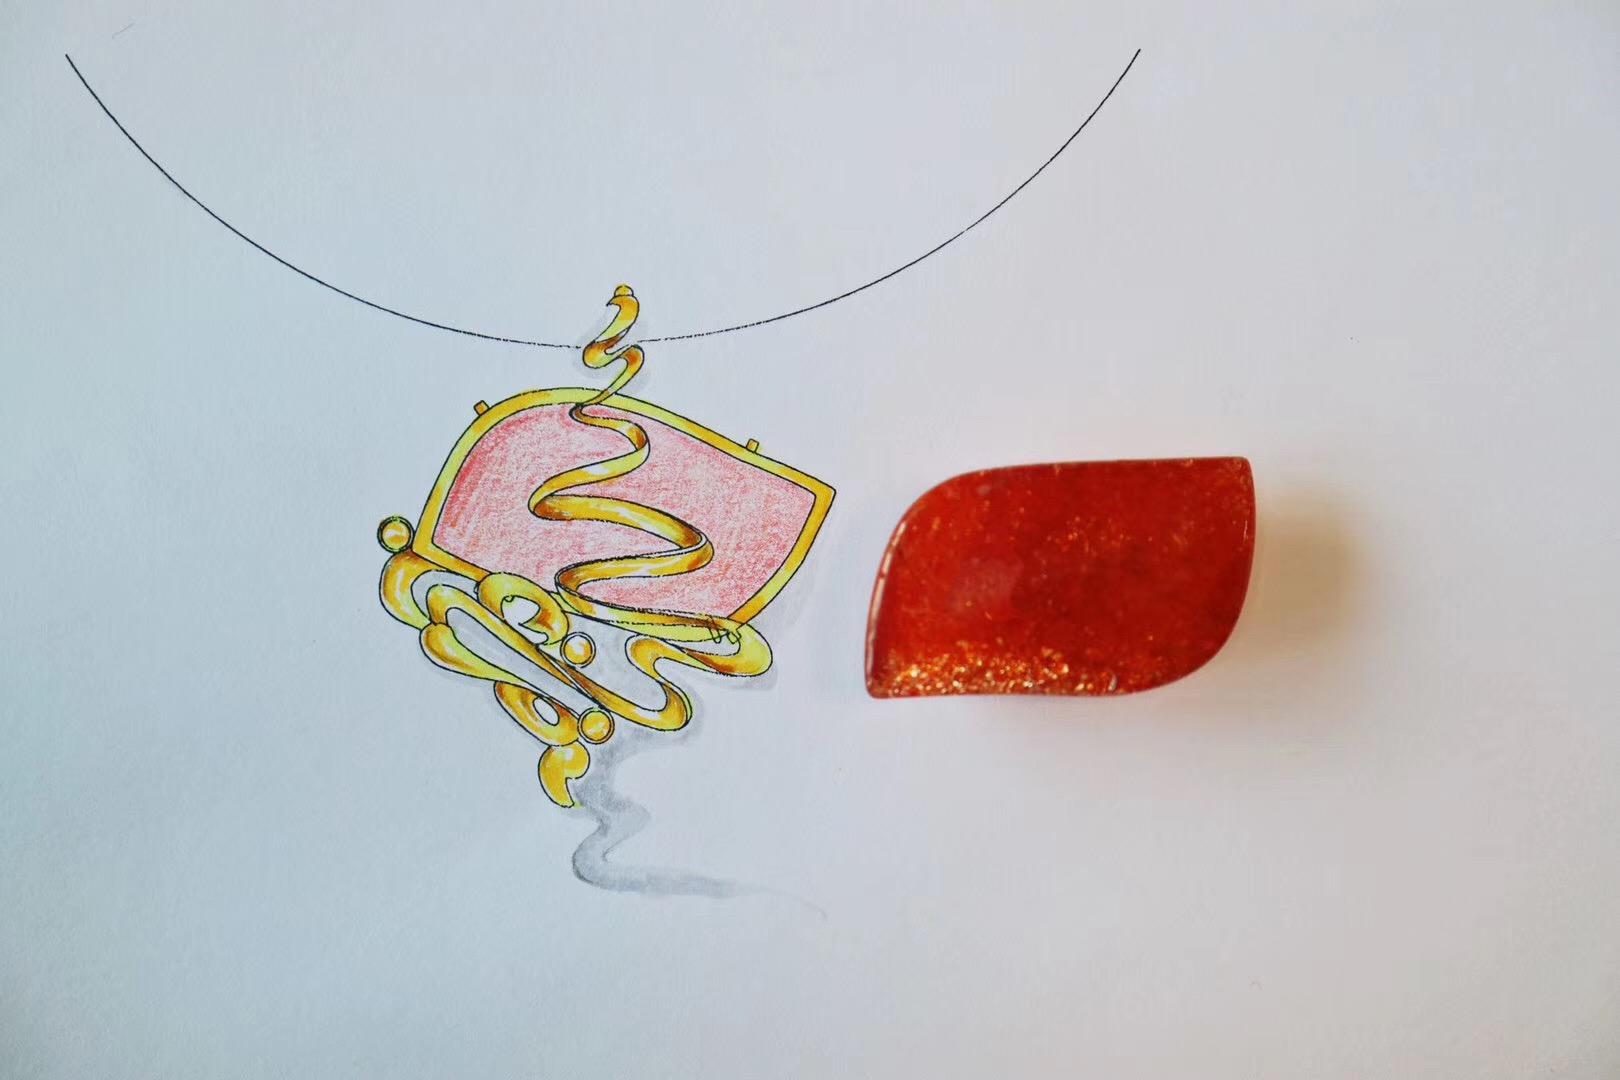 【菩心-太阳石】要与带给自己阳光的人在一起-菩心晶舍